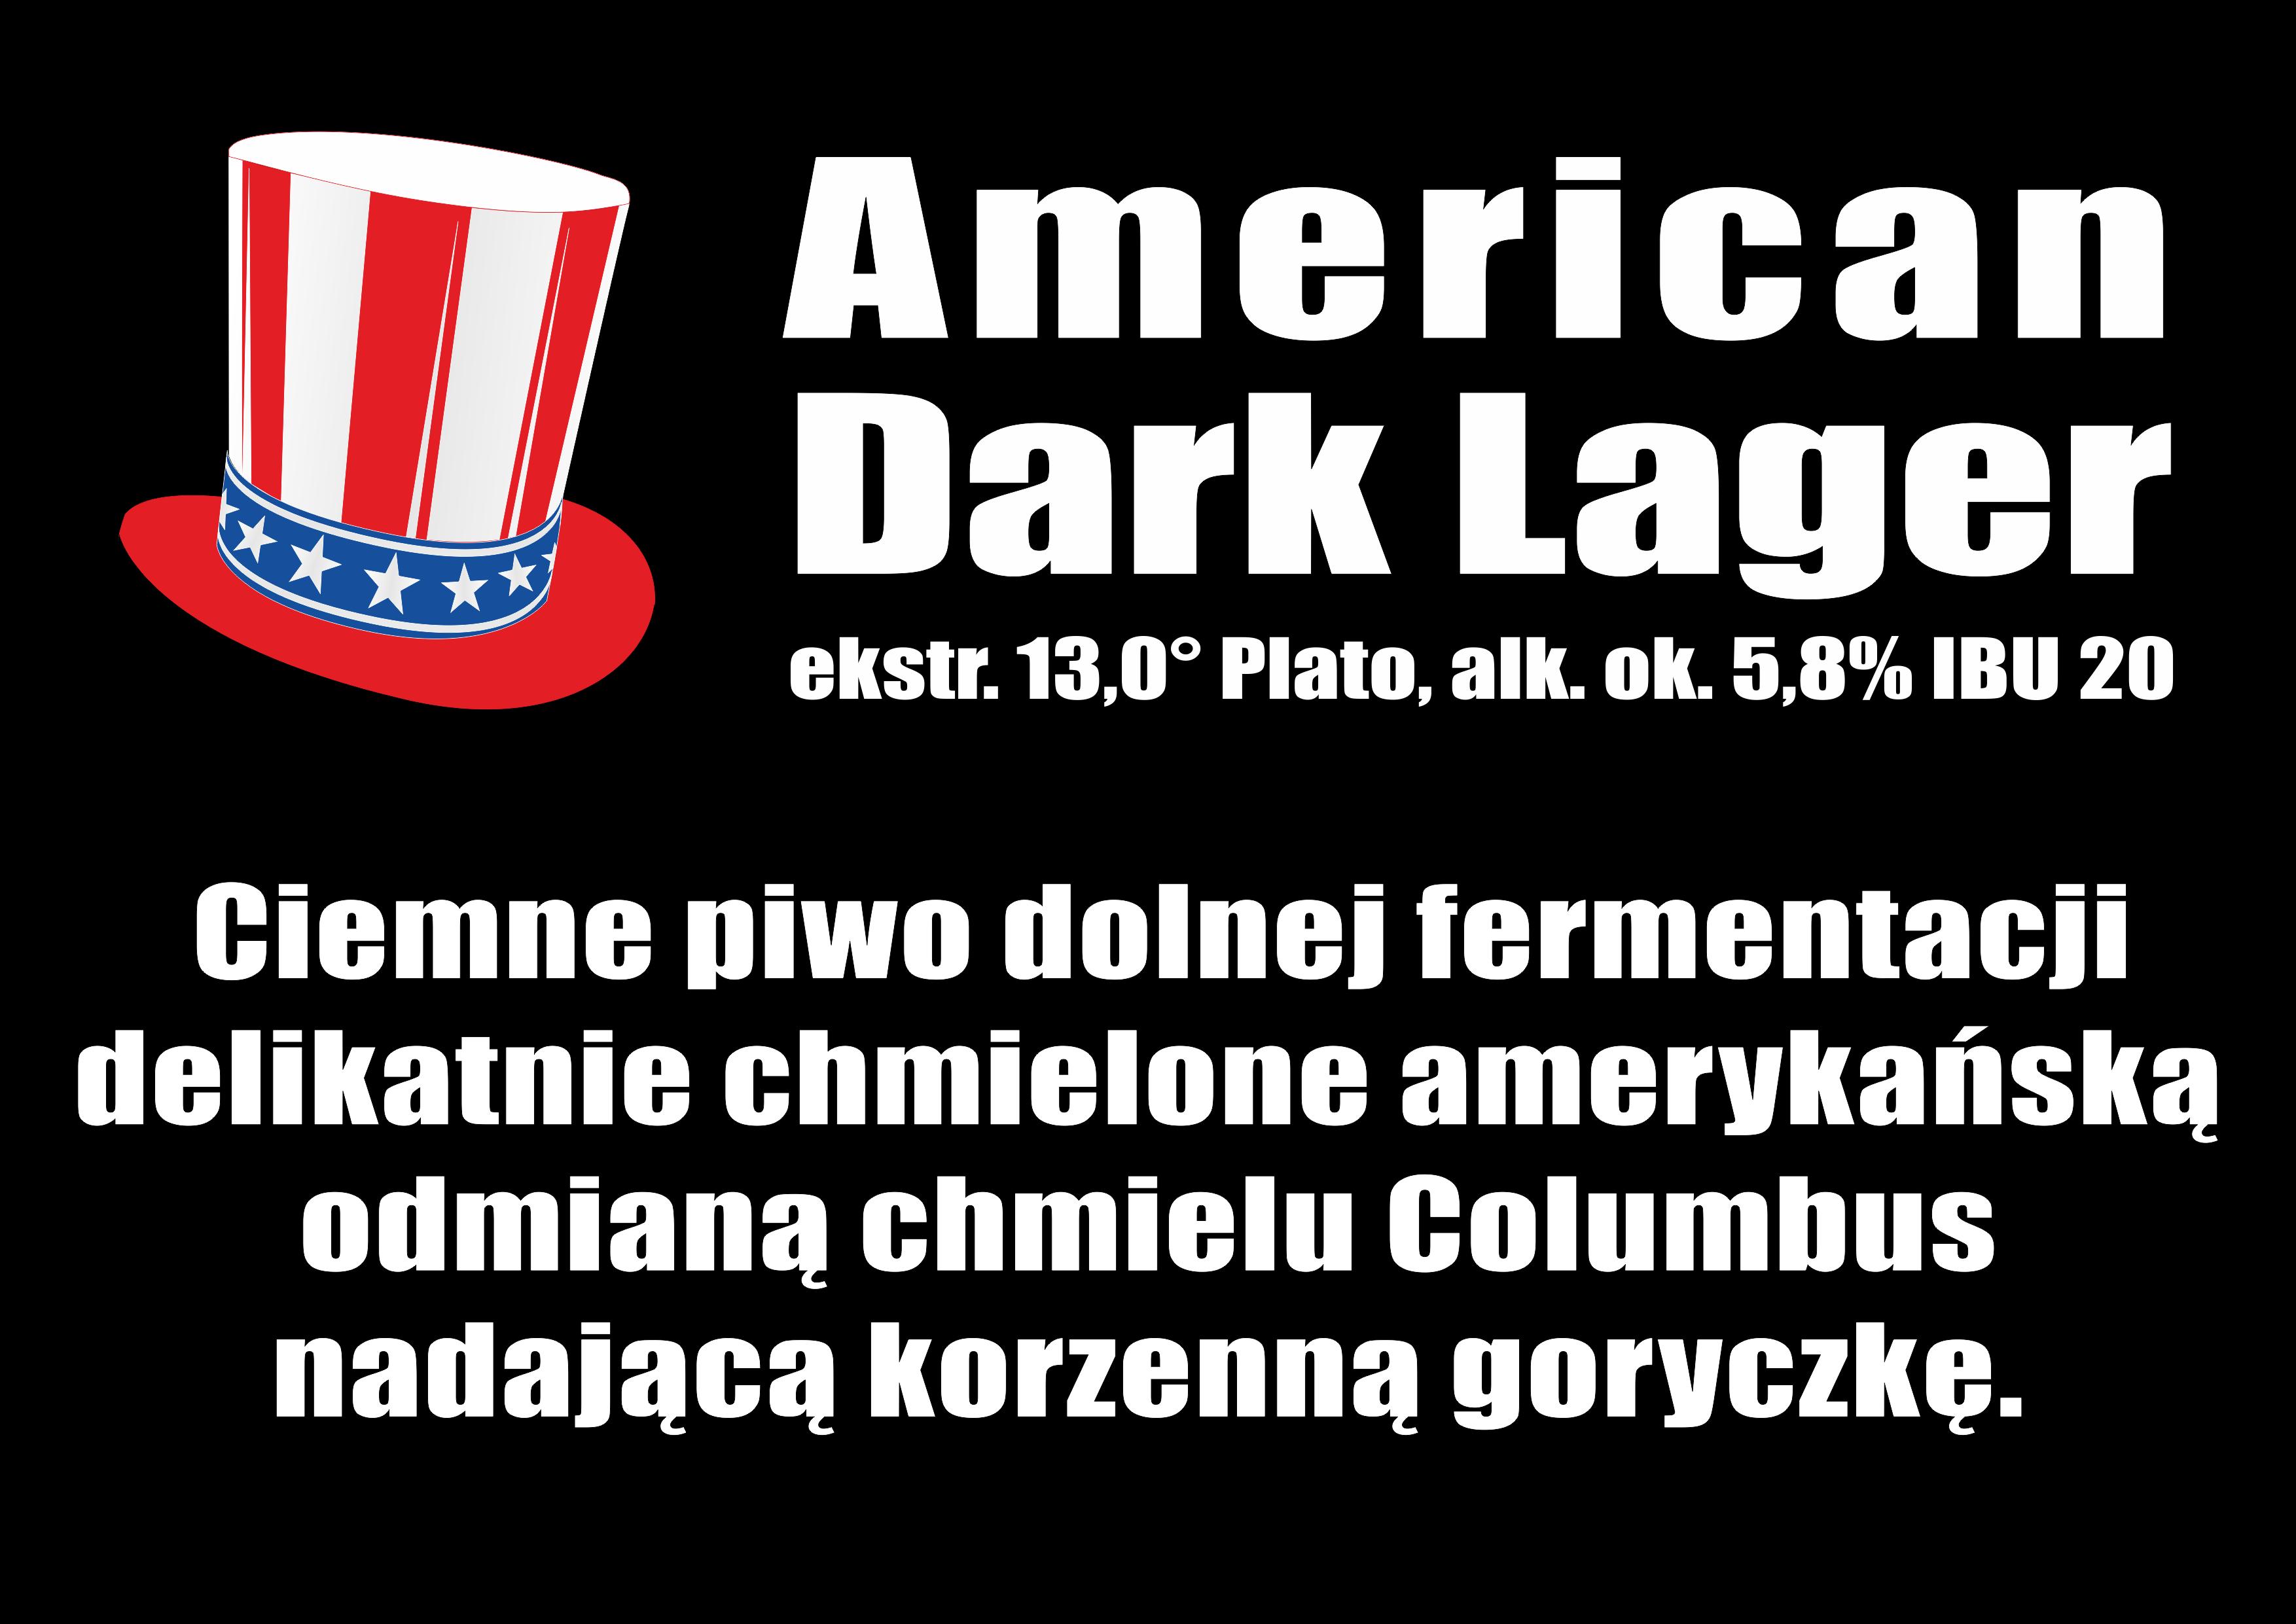 American Dark Lager - na telewizor